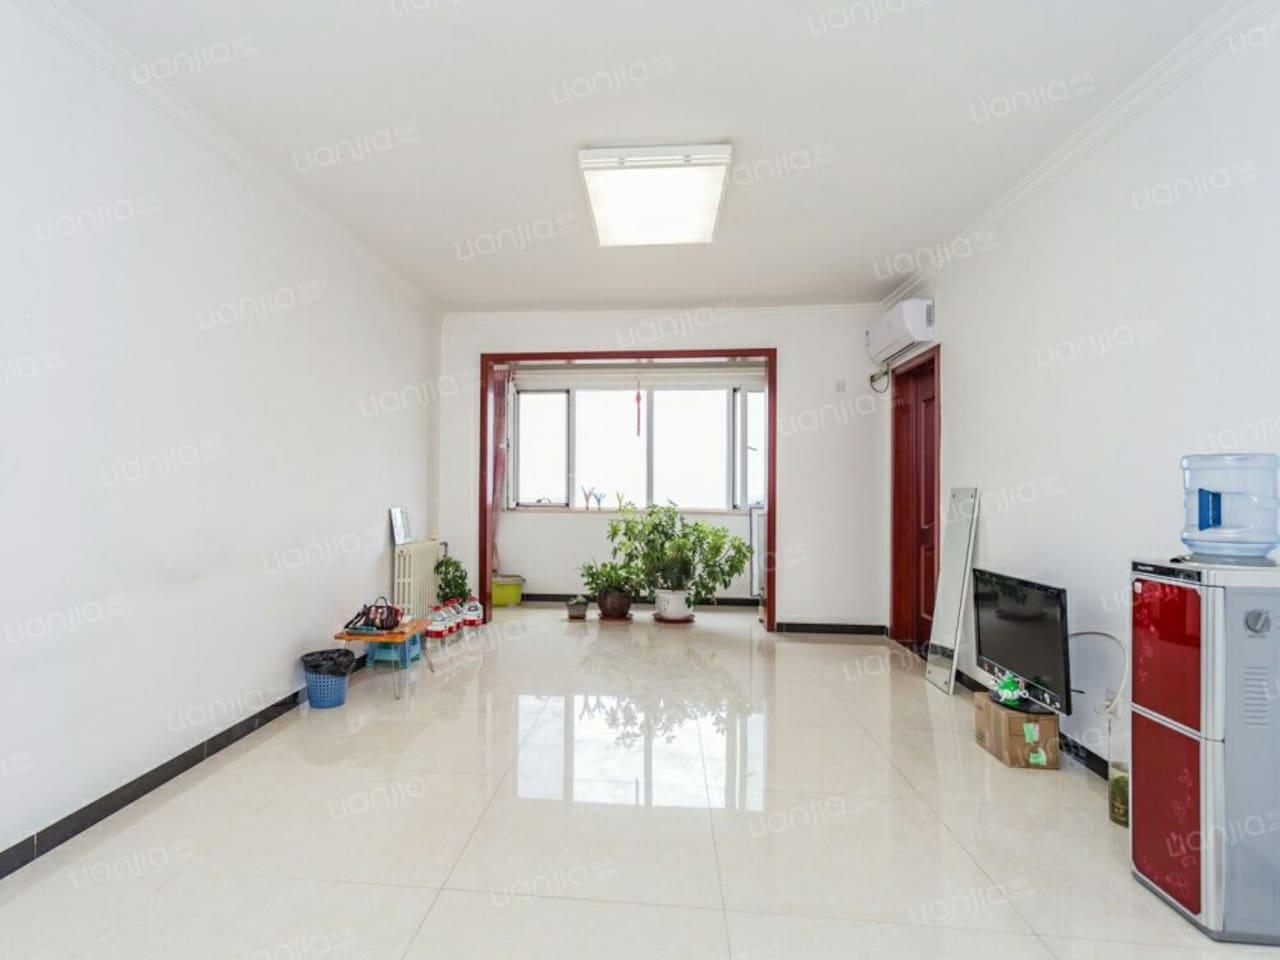 20多平米大客厅,宽敞明亮,没有桌子,方便活动哦!